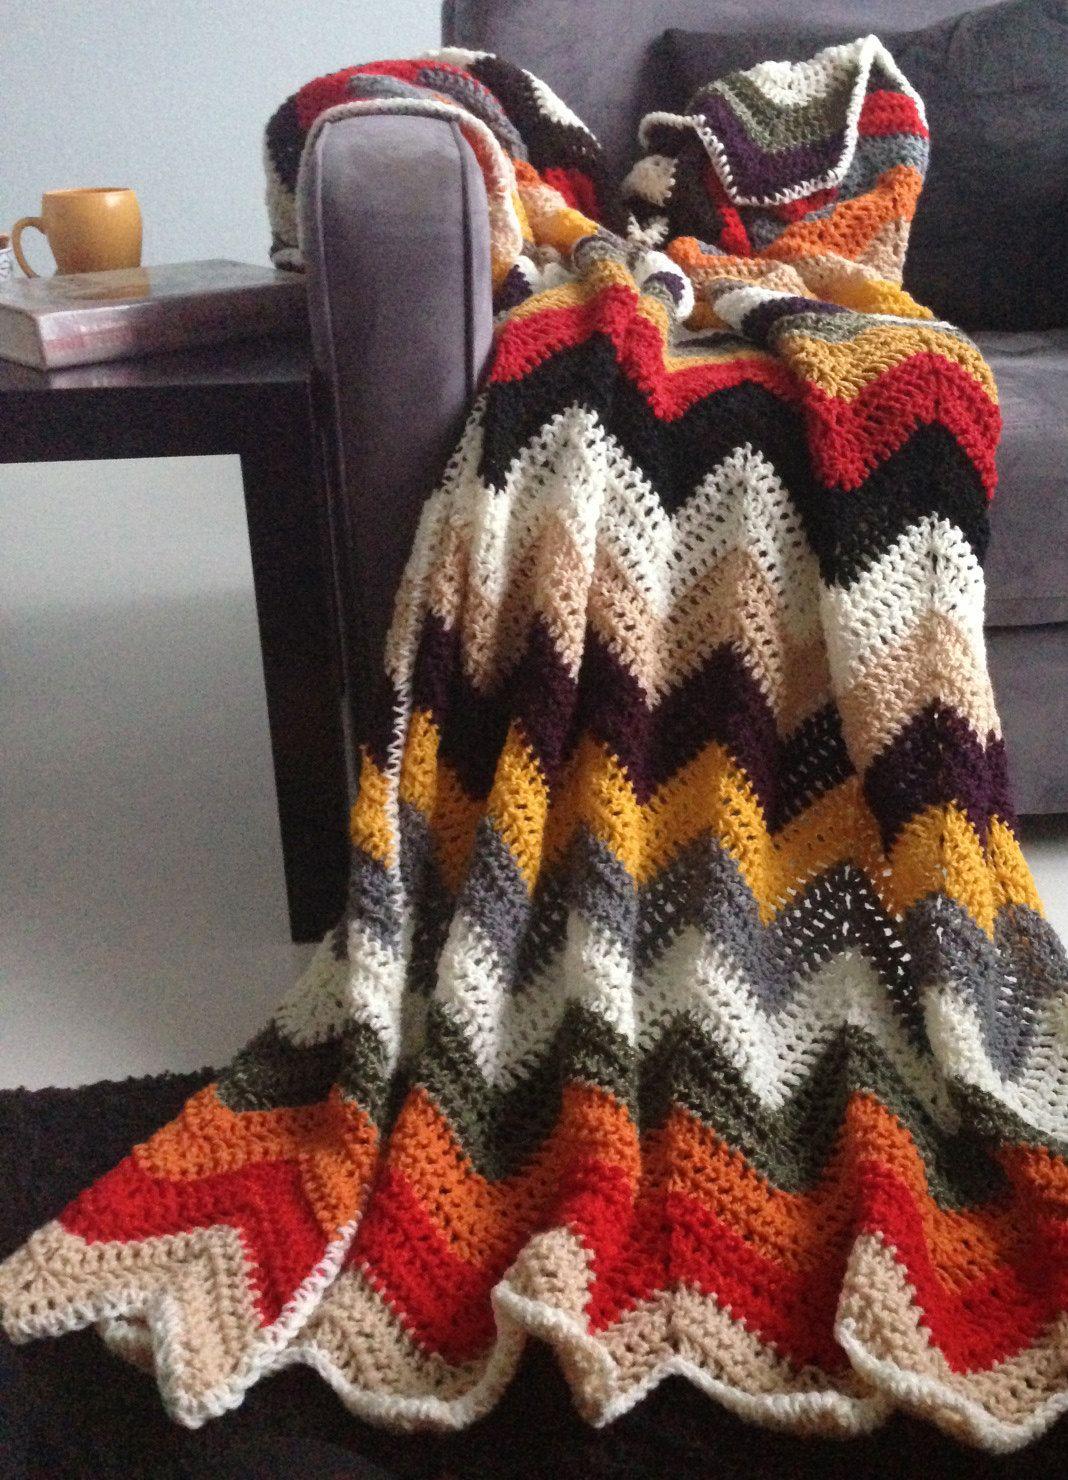 Increíble Los Patrones De Crochet Astuto Galería - Manta de Tejer ...